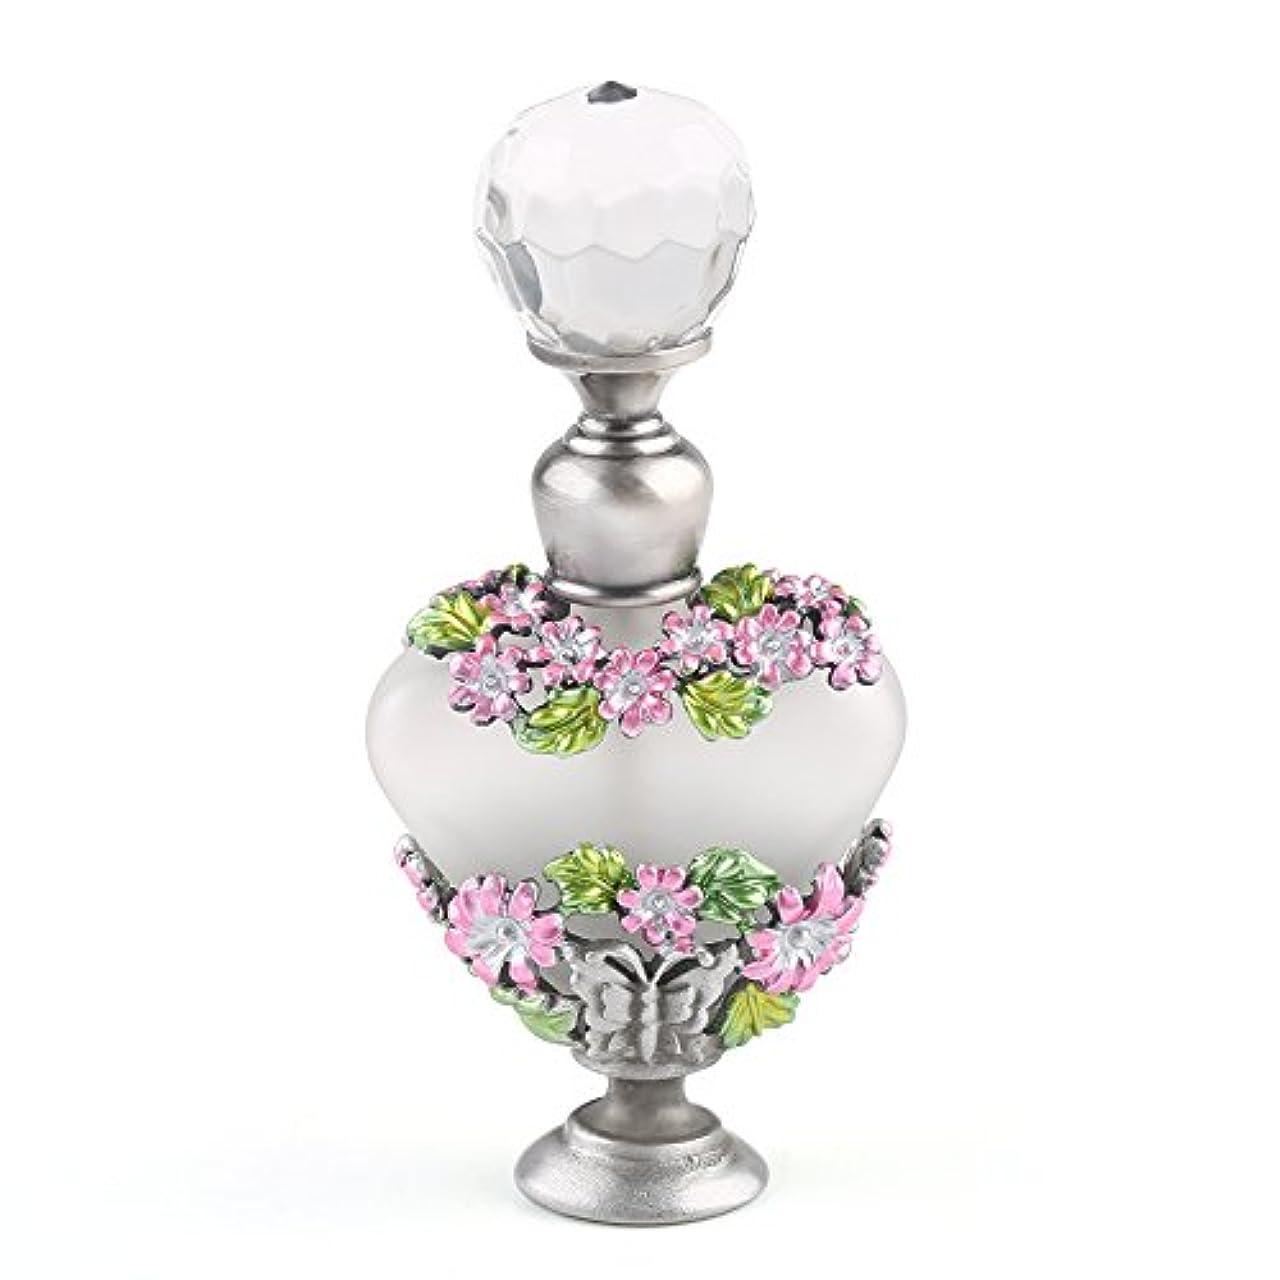 サーマル作曲家鉄道VERY100 高品質 美しい香水瓶/アロマボトル 5ML アロマオイル用瓶 綺麗アンティーク調 フラワーデザイン プレゼント 結婚式 飾り 58778